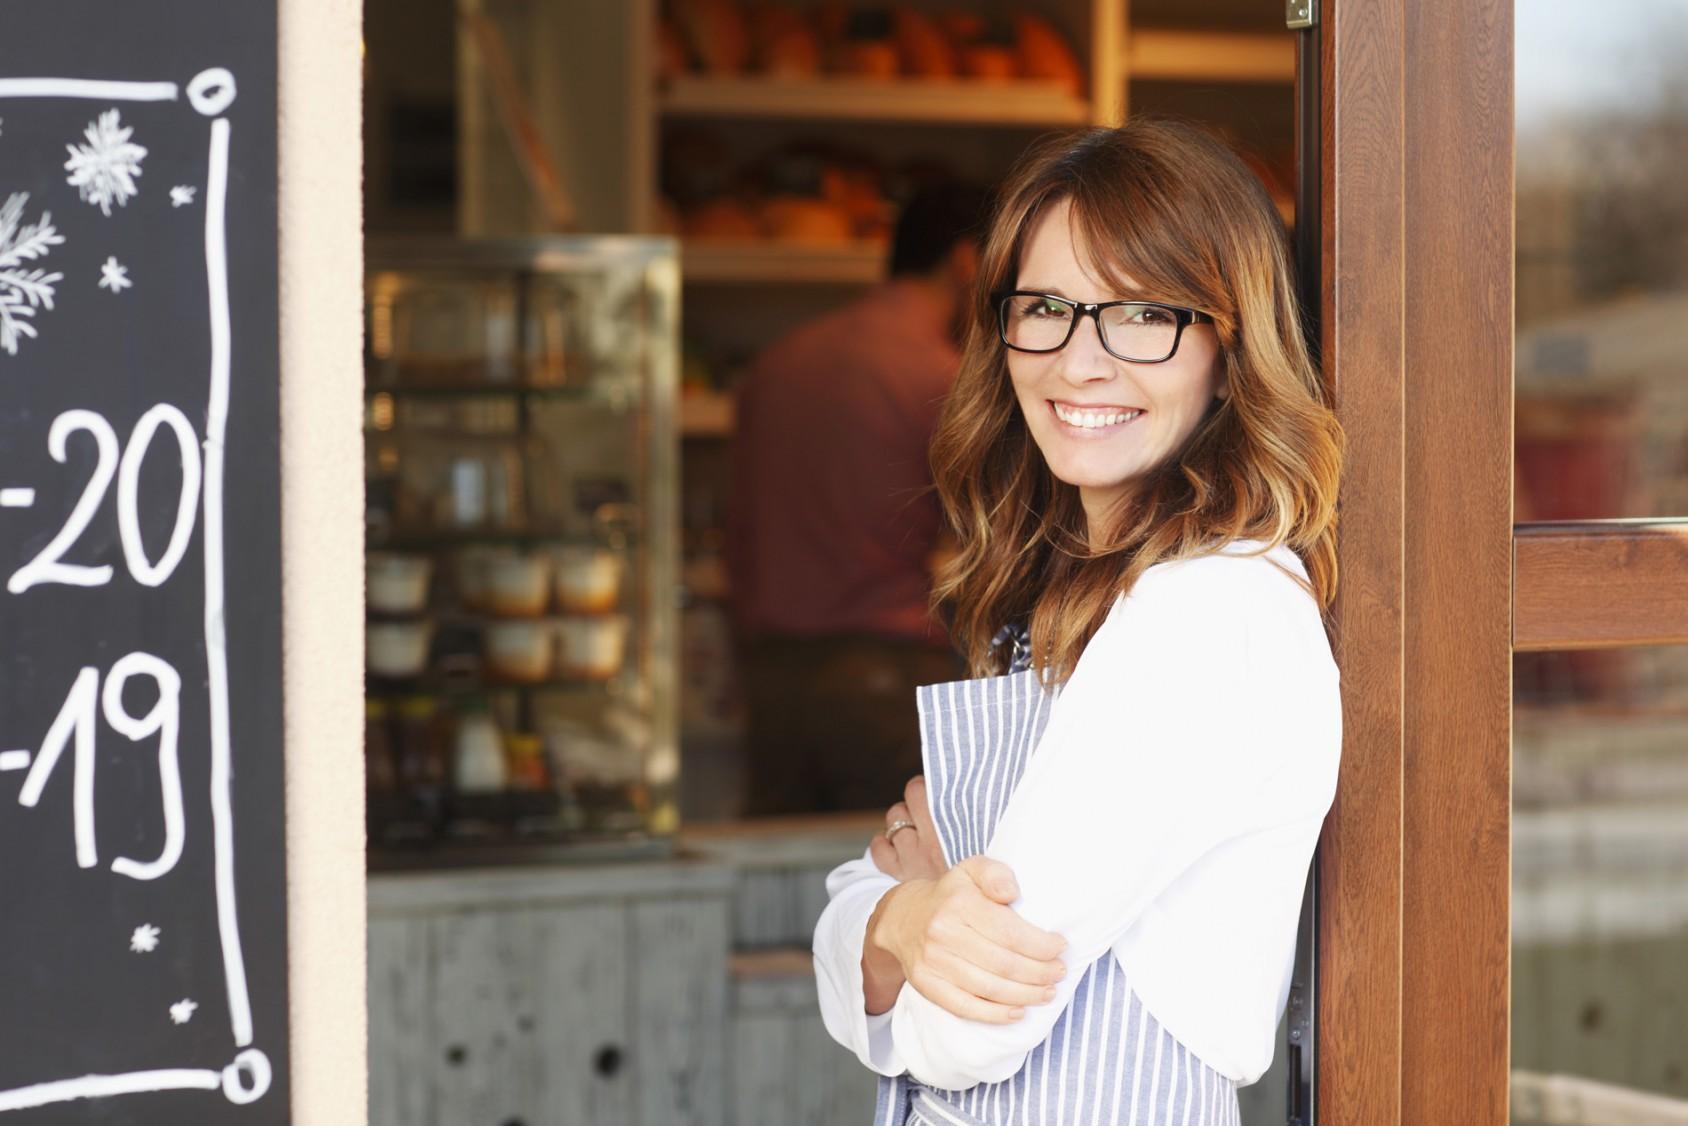 junge frau steht vor ihrem start up restaurant